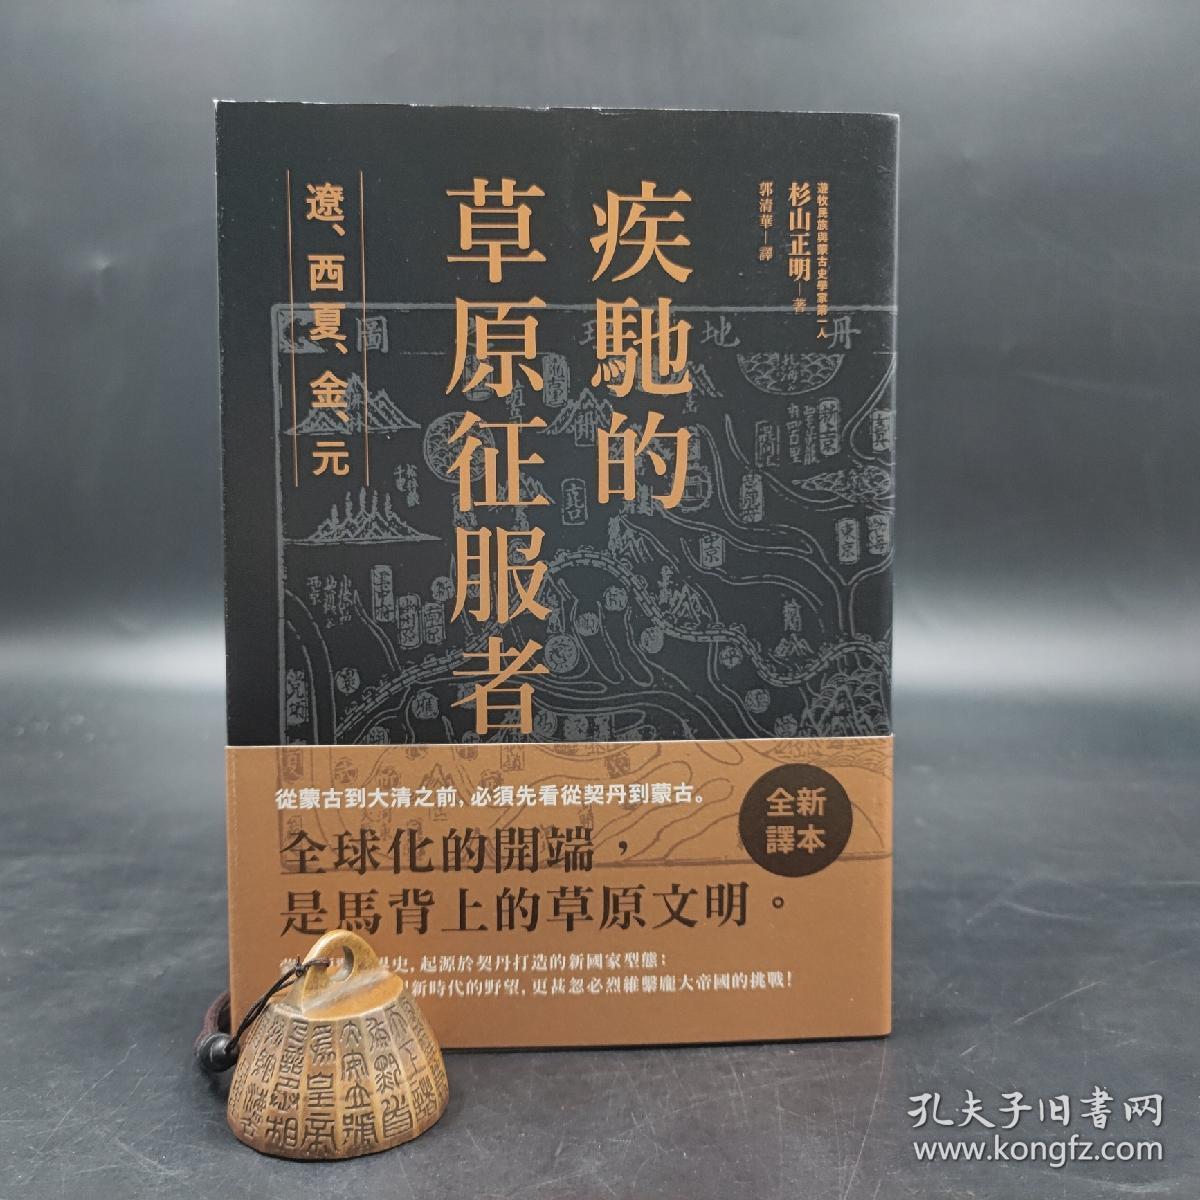 台湾商务版  杉山正明 著 郭清华 译《疾馳的草原征服者: 遼、西夏、金、元》